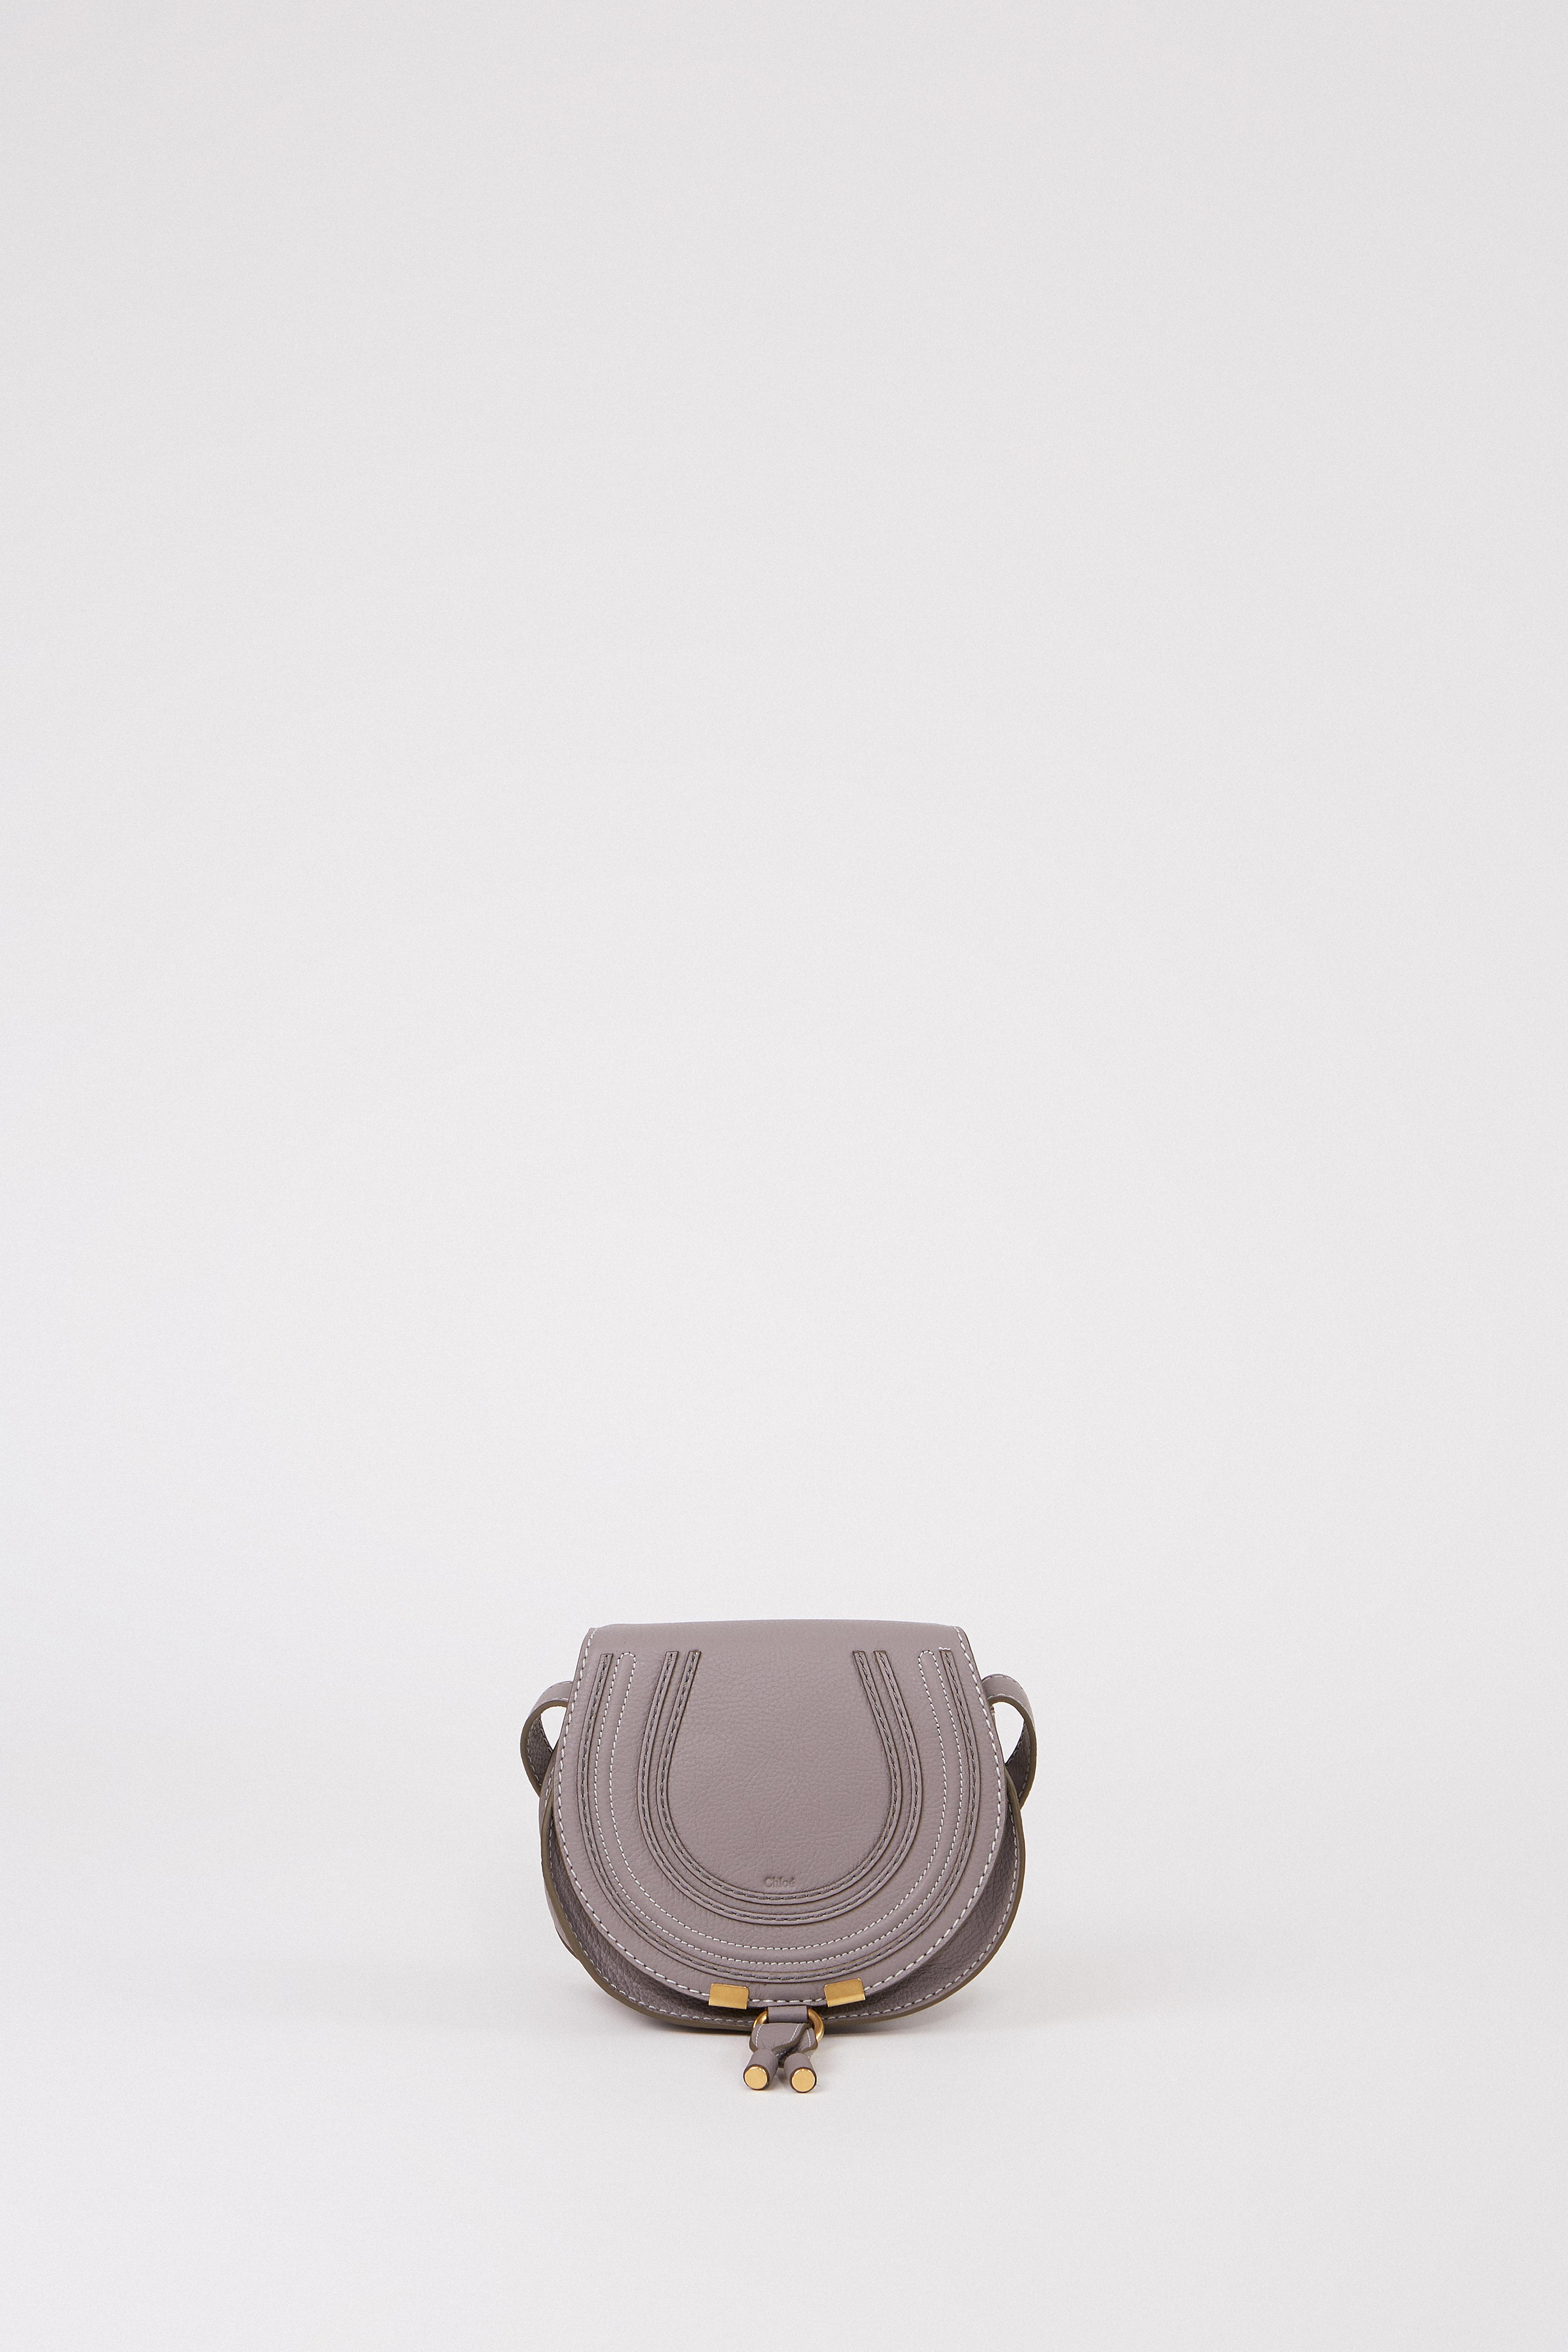 e72951b8 Shoulder Bag 'Marcie Saddle Small' Cashmere Grey